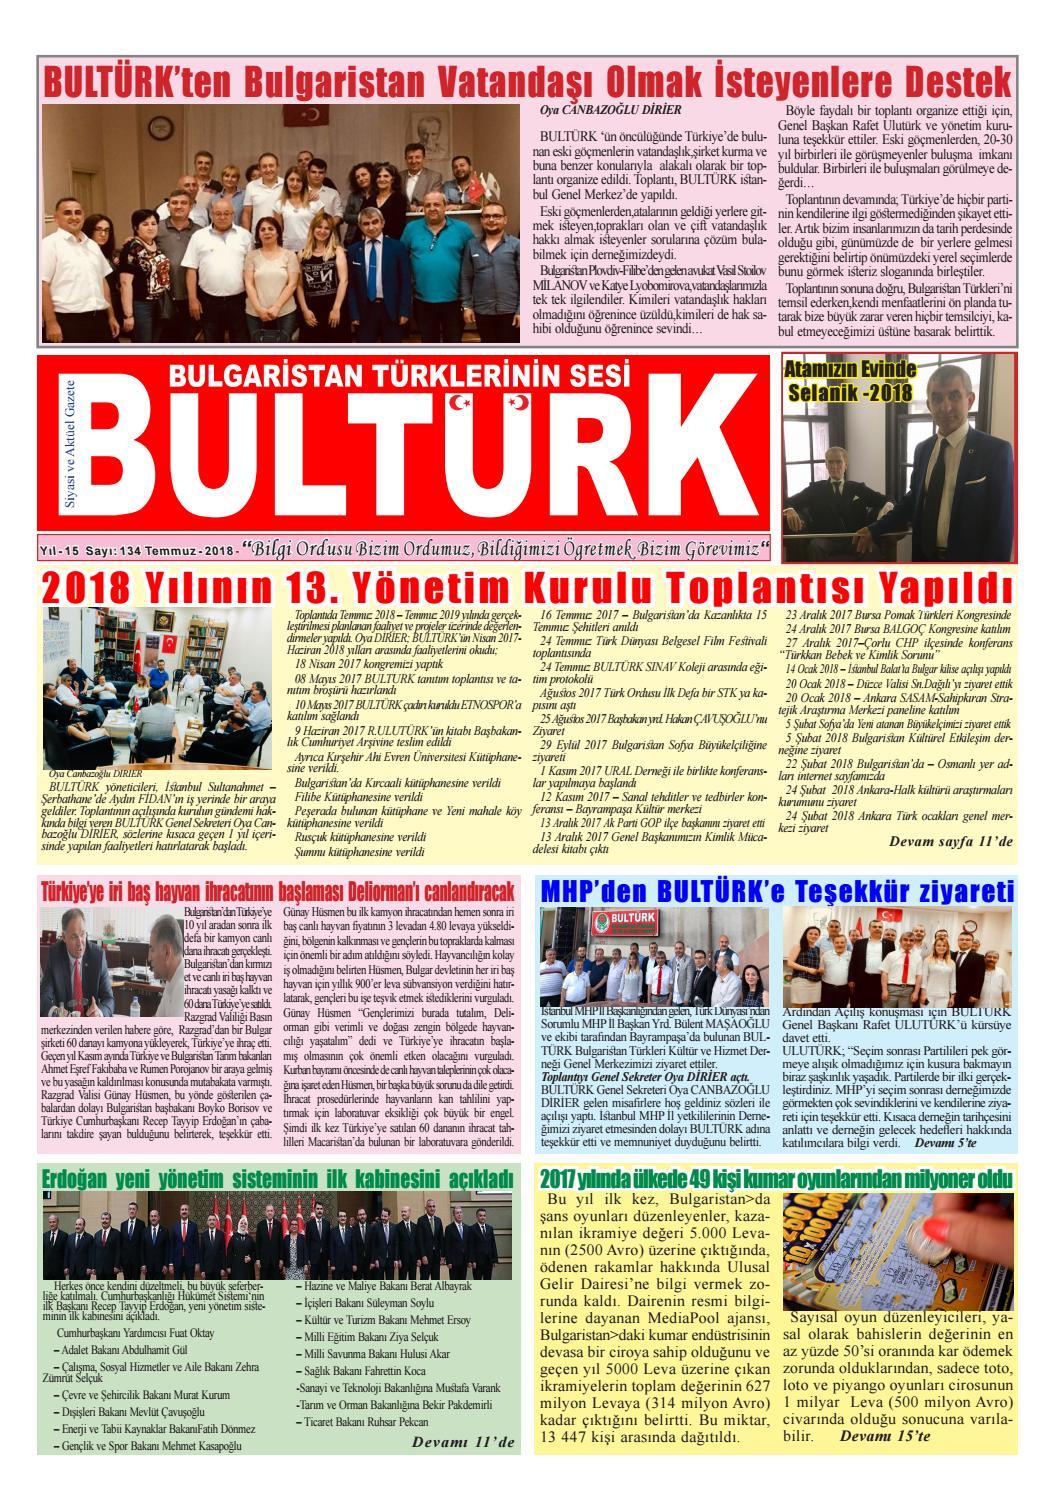 Zaman gazetesi Romanya bürosu çalışanı Demirkaya, Türkiyenin talebi üzerine gözaltına alındı 68